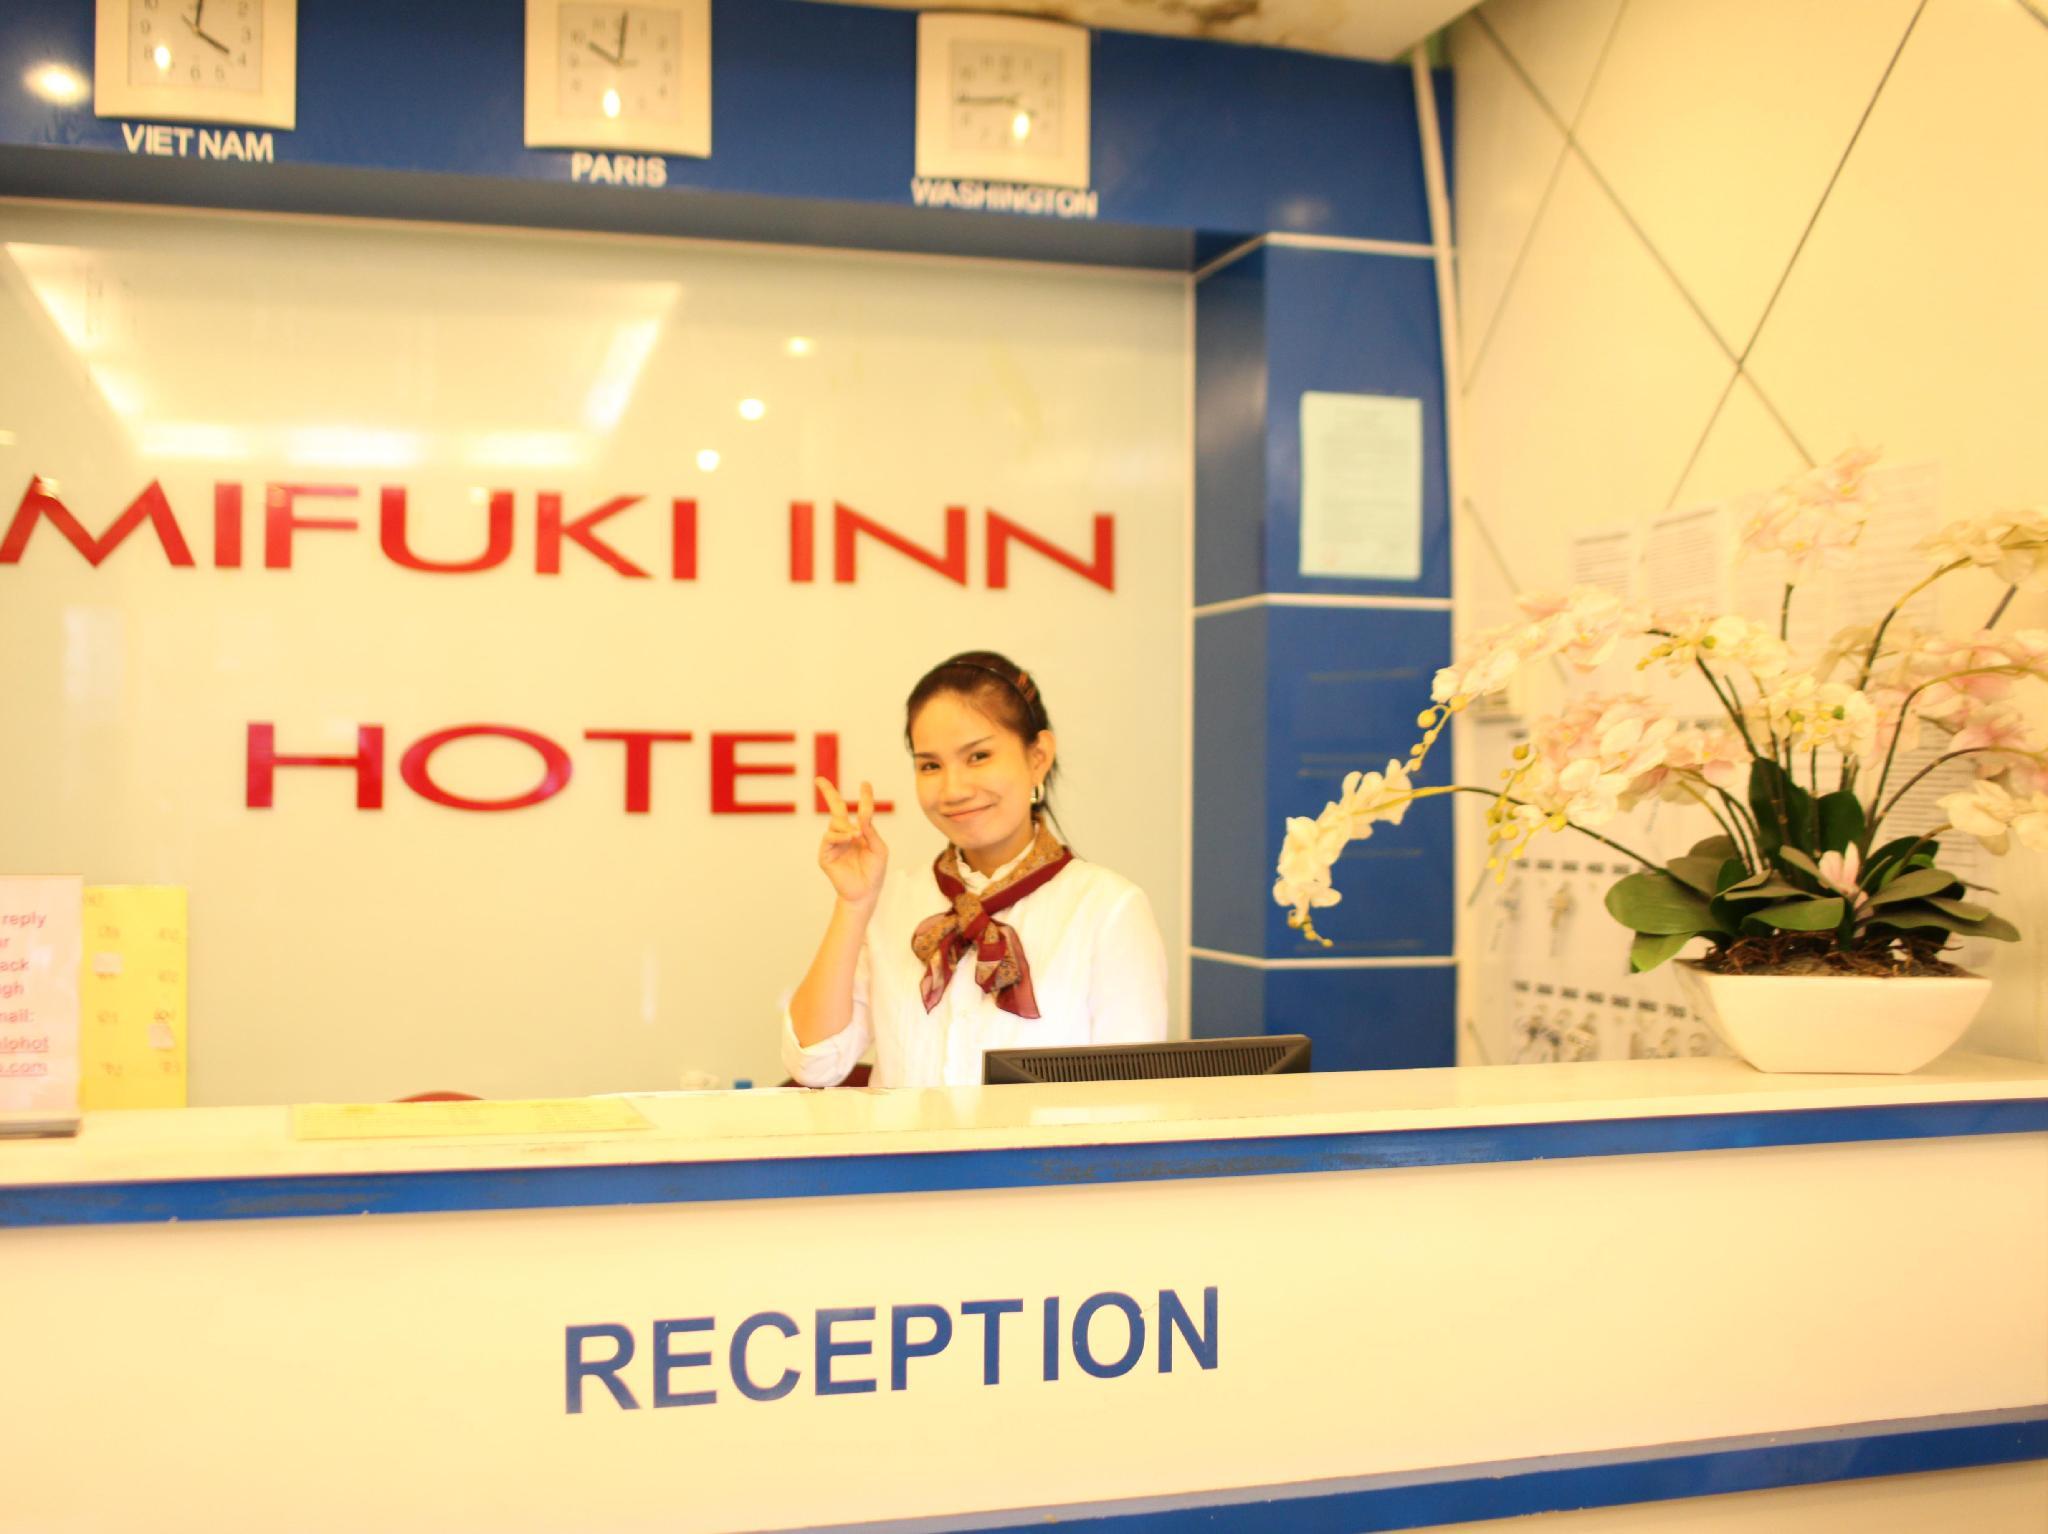 Mifuki Inn Hotel - Hotell och Boende i Vietnam , Ho Chi Minh City